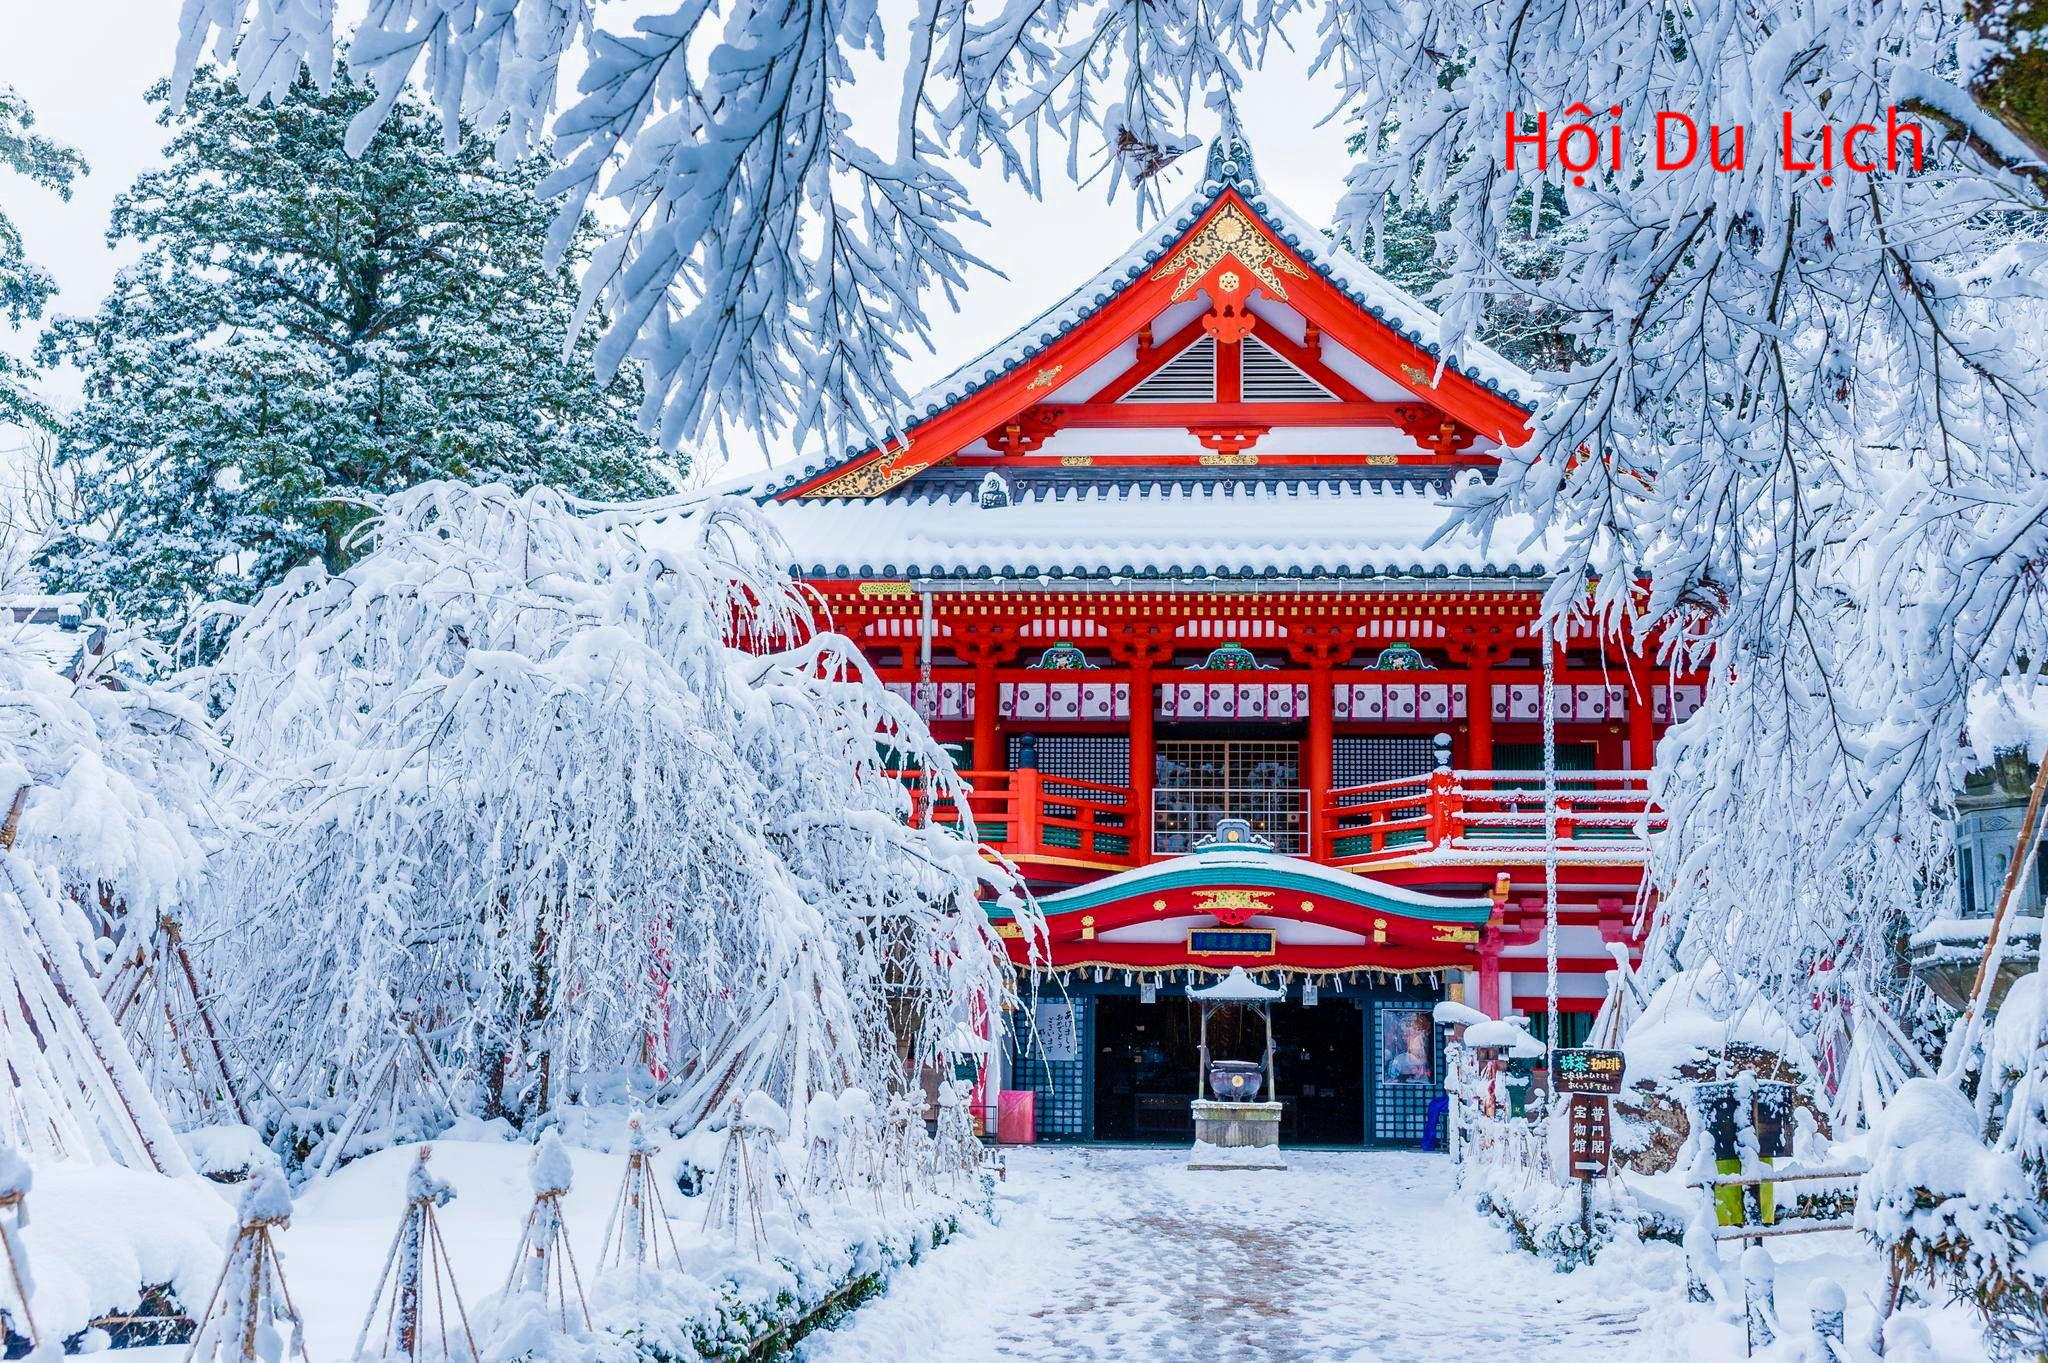 Kinh nghiệm du lịch Nhật Bản và mua sắm